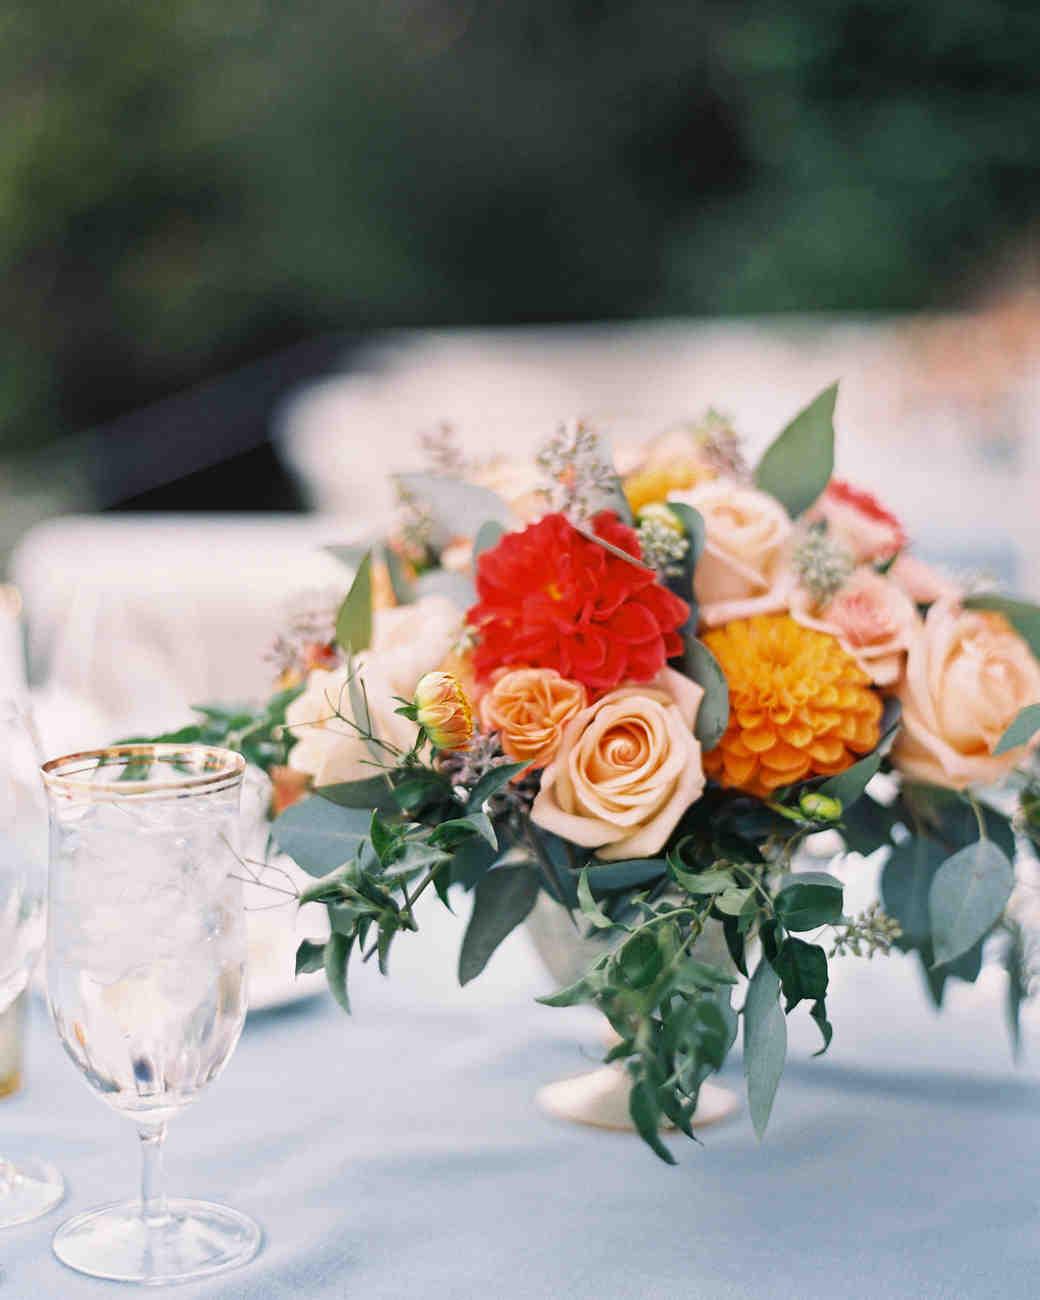 Garden wedding centerpiece with roses and dahlias